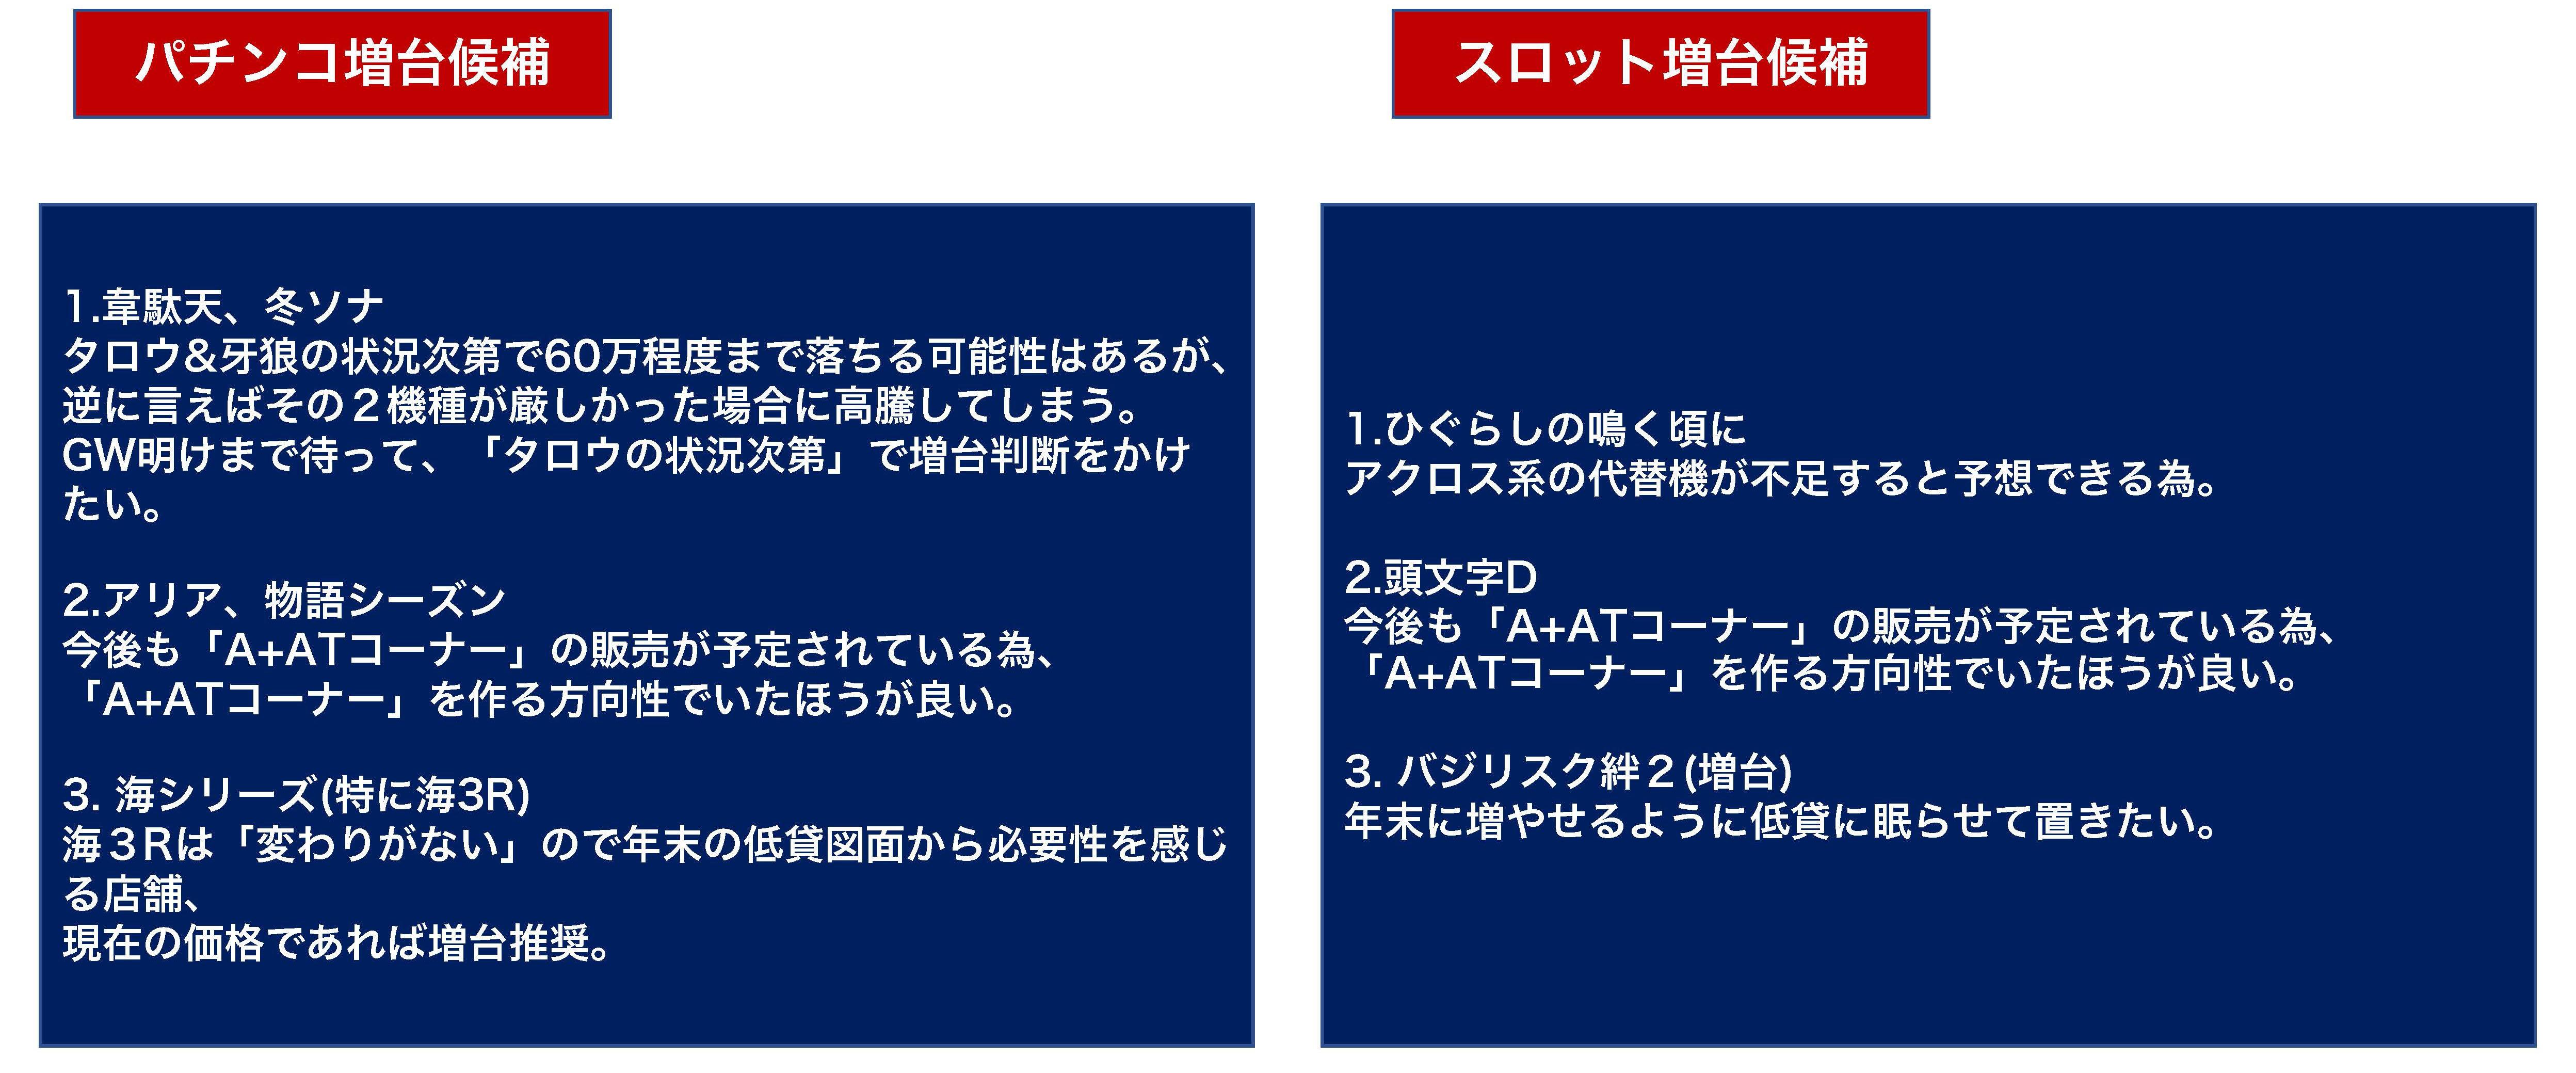 20210327中嶋塾ダイジェスト_ページ_10